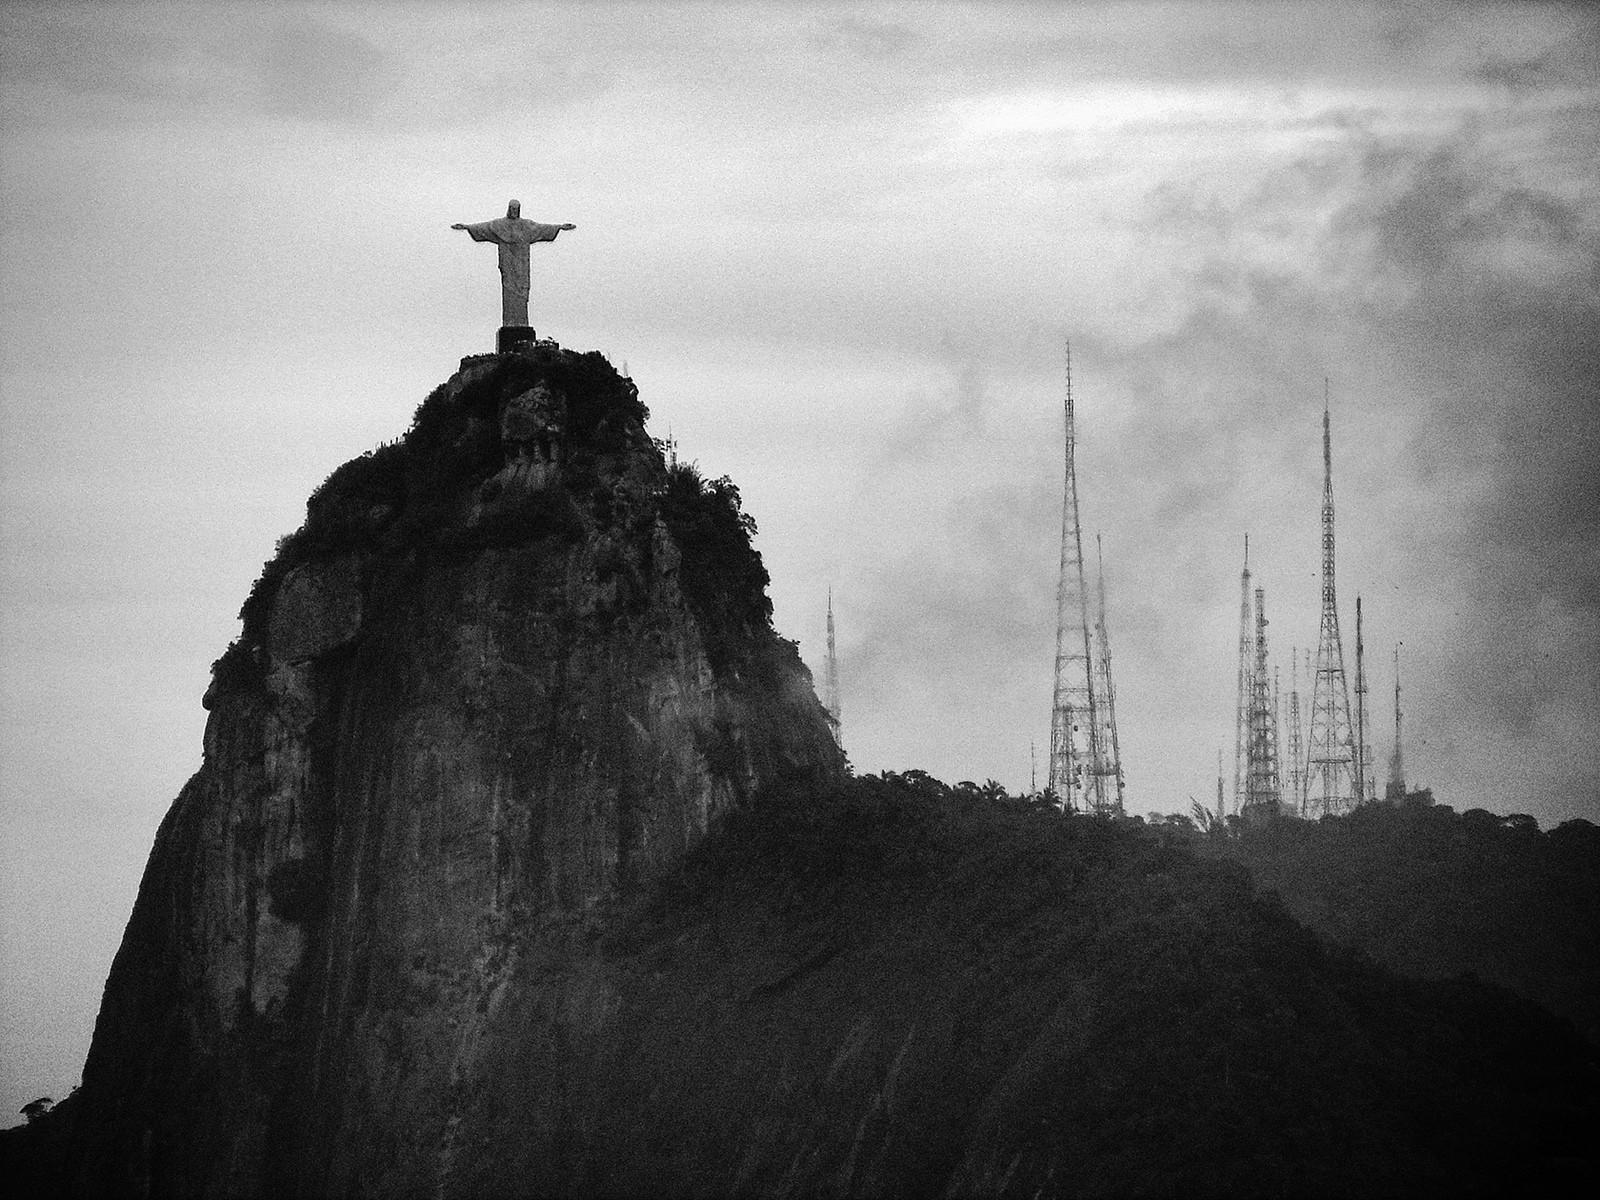 Mapeo en 3D del Cristo Redentor es realizado a través de drones, El Cristo Redentor en Rio de Janeiro. © Diego Torres Silvestre, via Flickr. CC